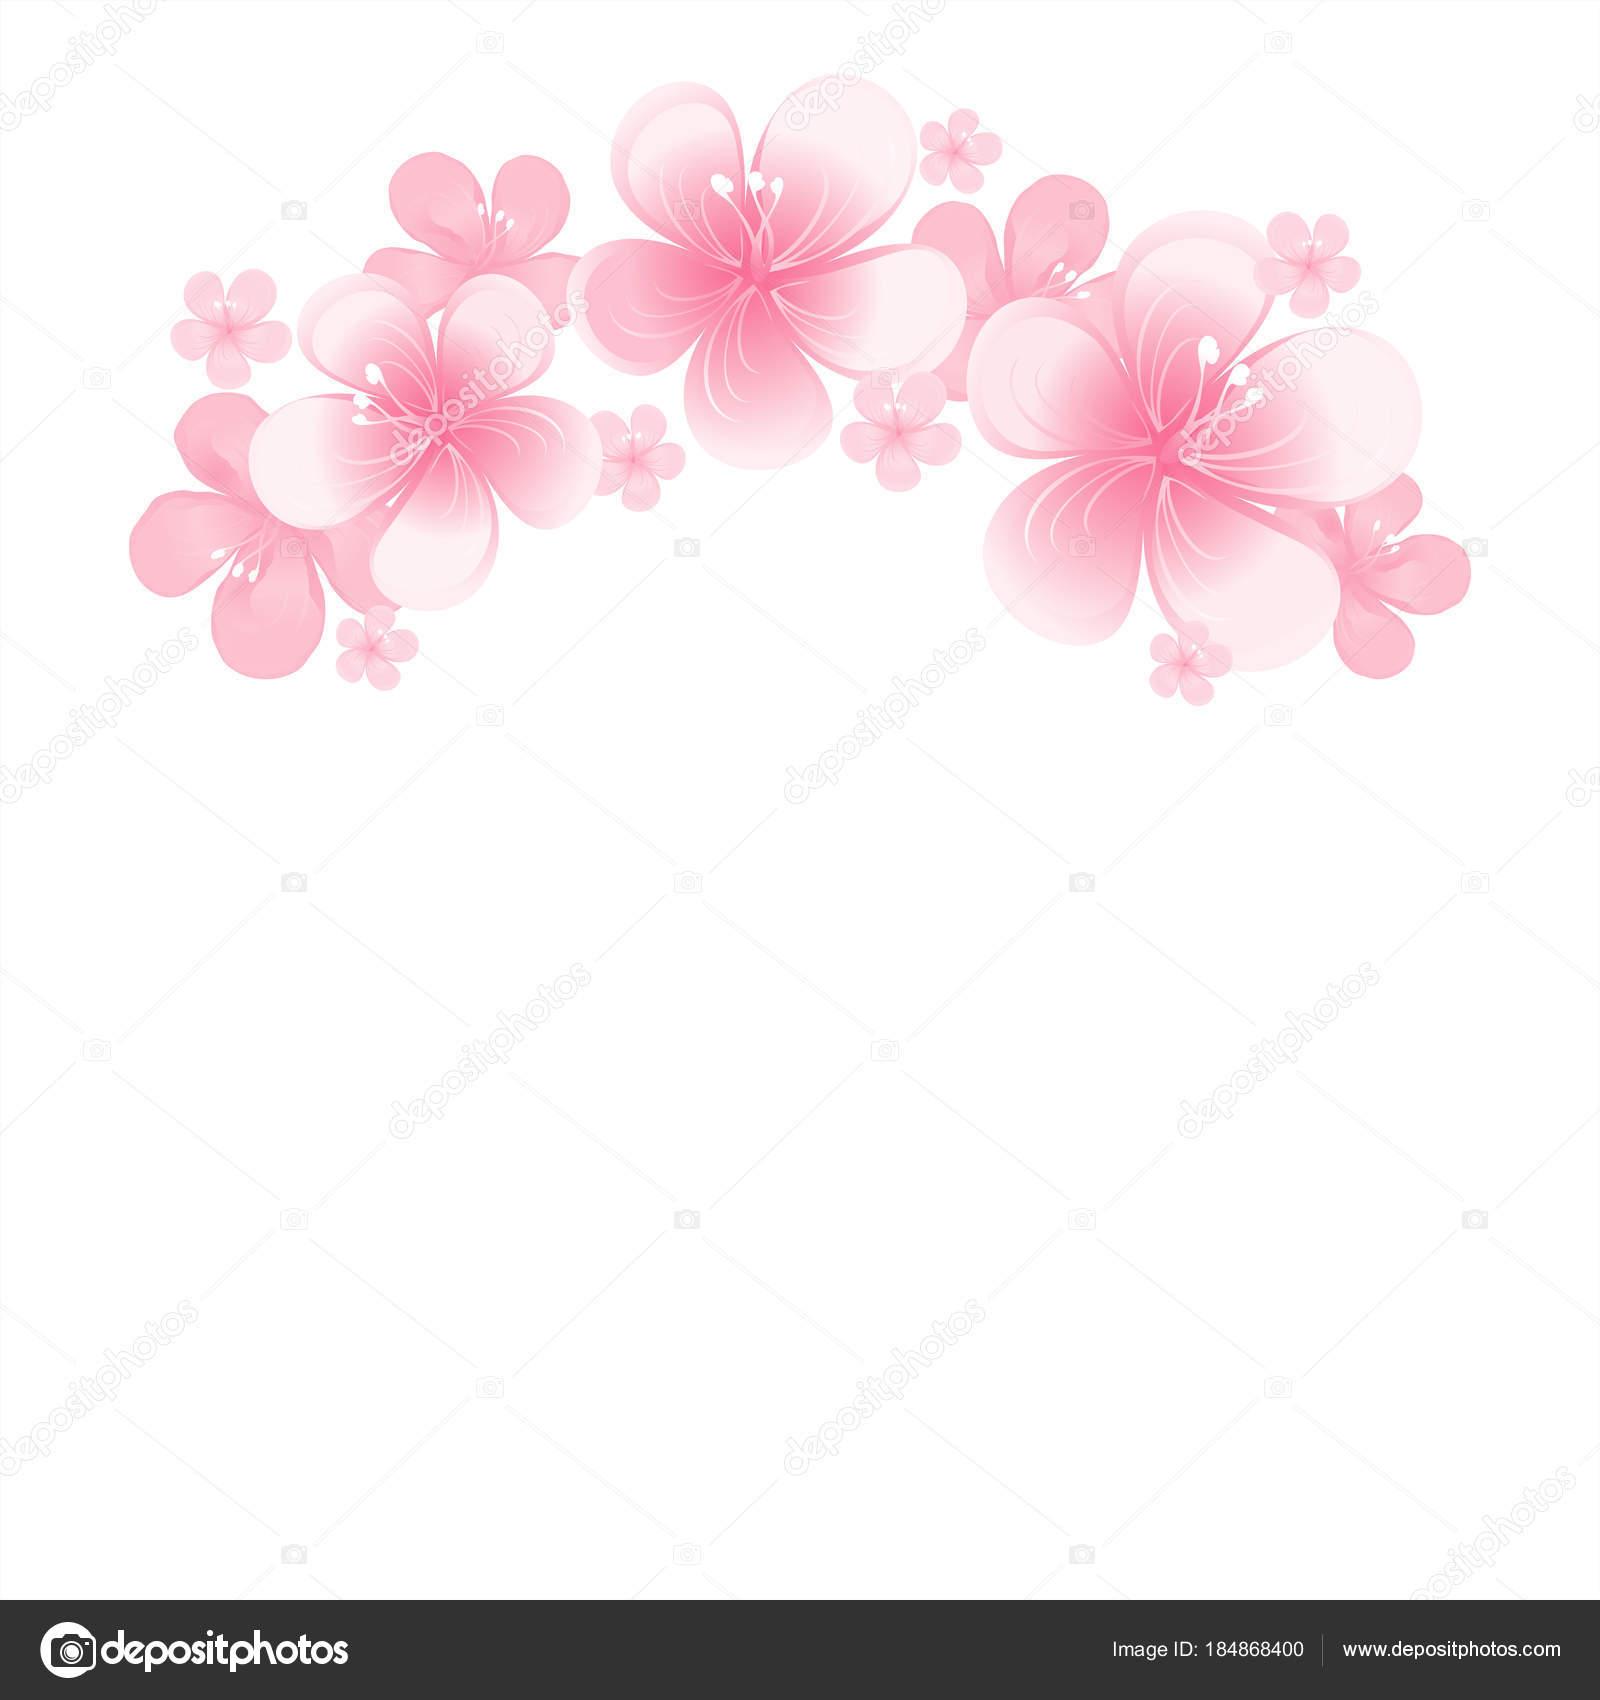 Fondo Blanco Flores Rosas Luz Flores Rosa Aisladas Sobre Fondo